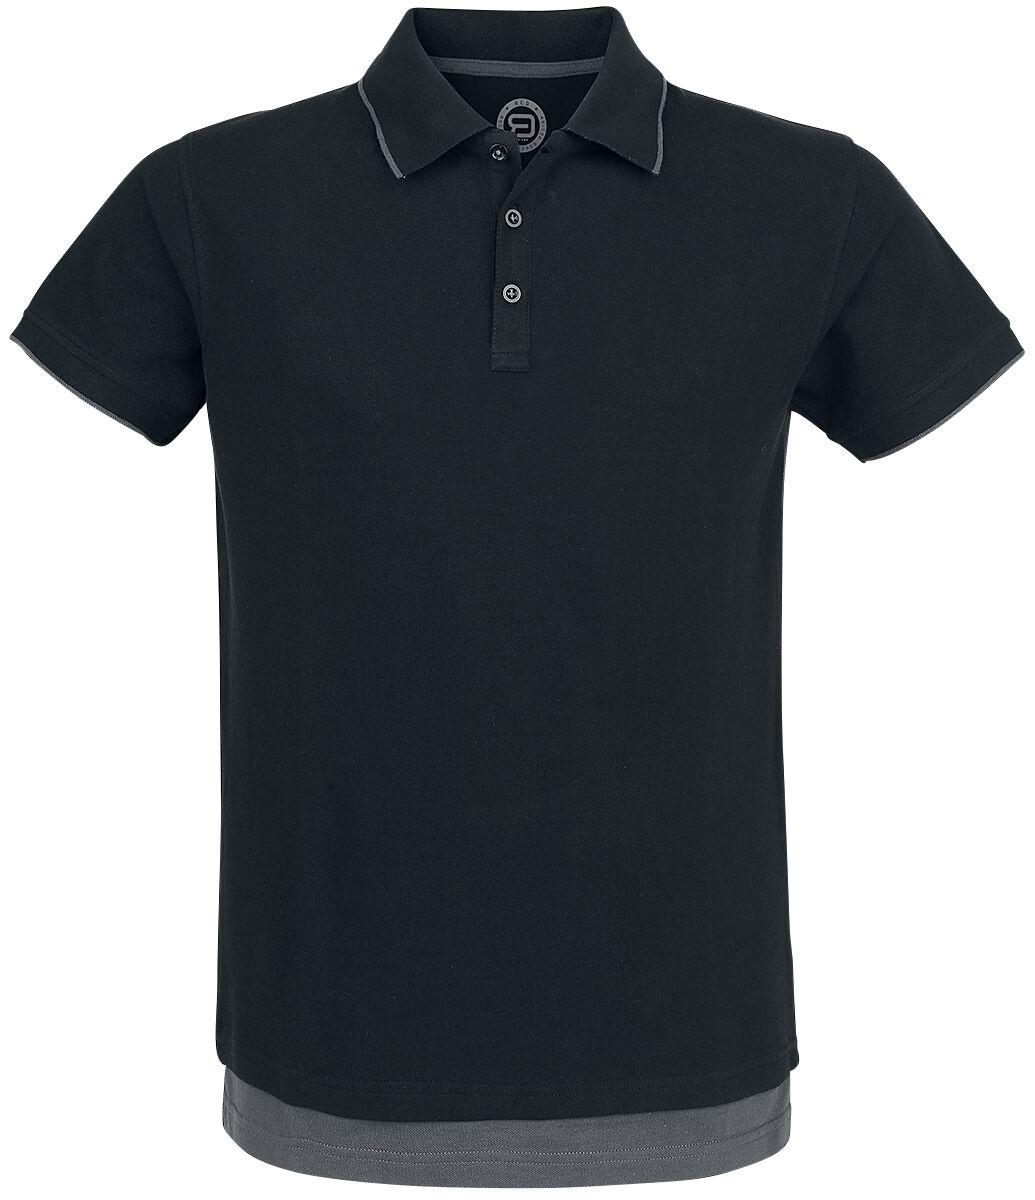 Hey Mister Nice Guy R E D By Emp T Shirt